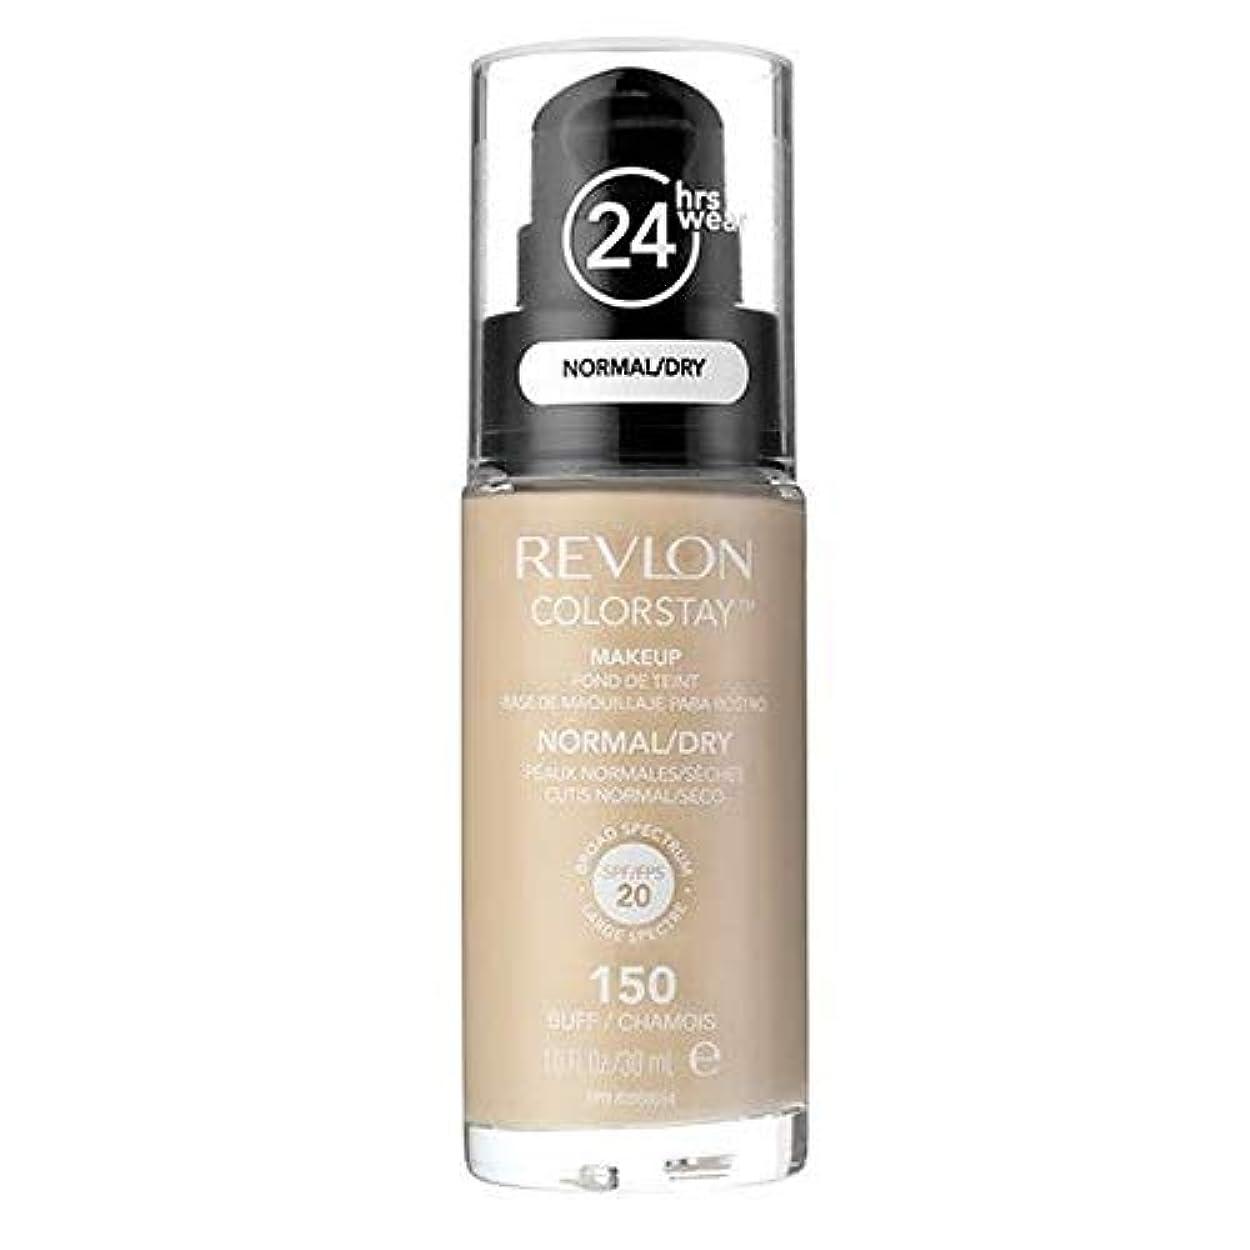 文明化高音ユーモア[Revlon ] レブロンカラーステイ基盤ノルム/ドライバフ30ミリリットル - Revlon Color Stay Foundation Norm/Dry Buff 30ml [並行輸入品]